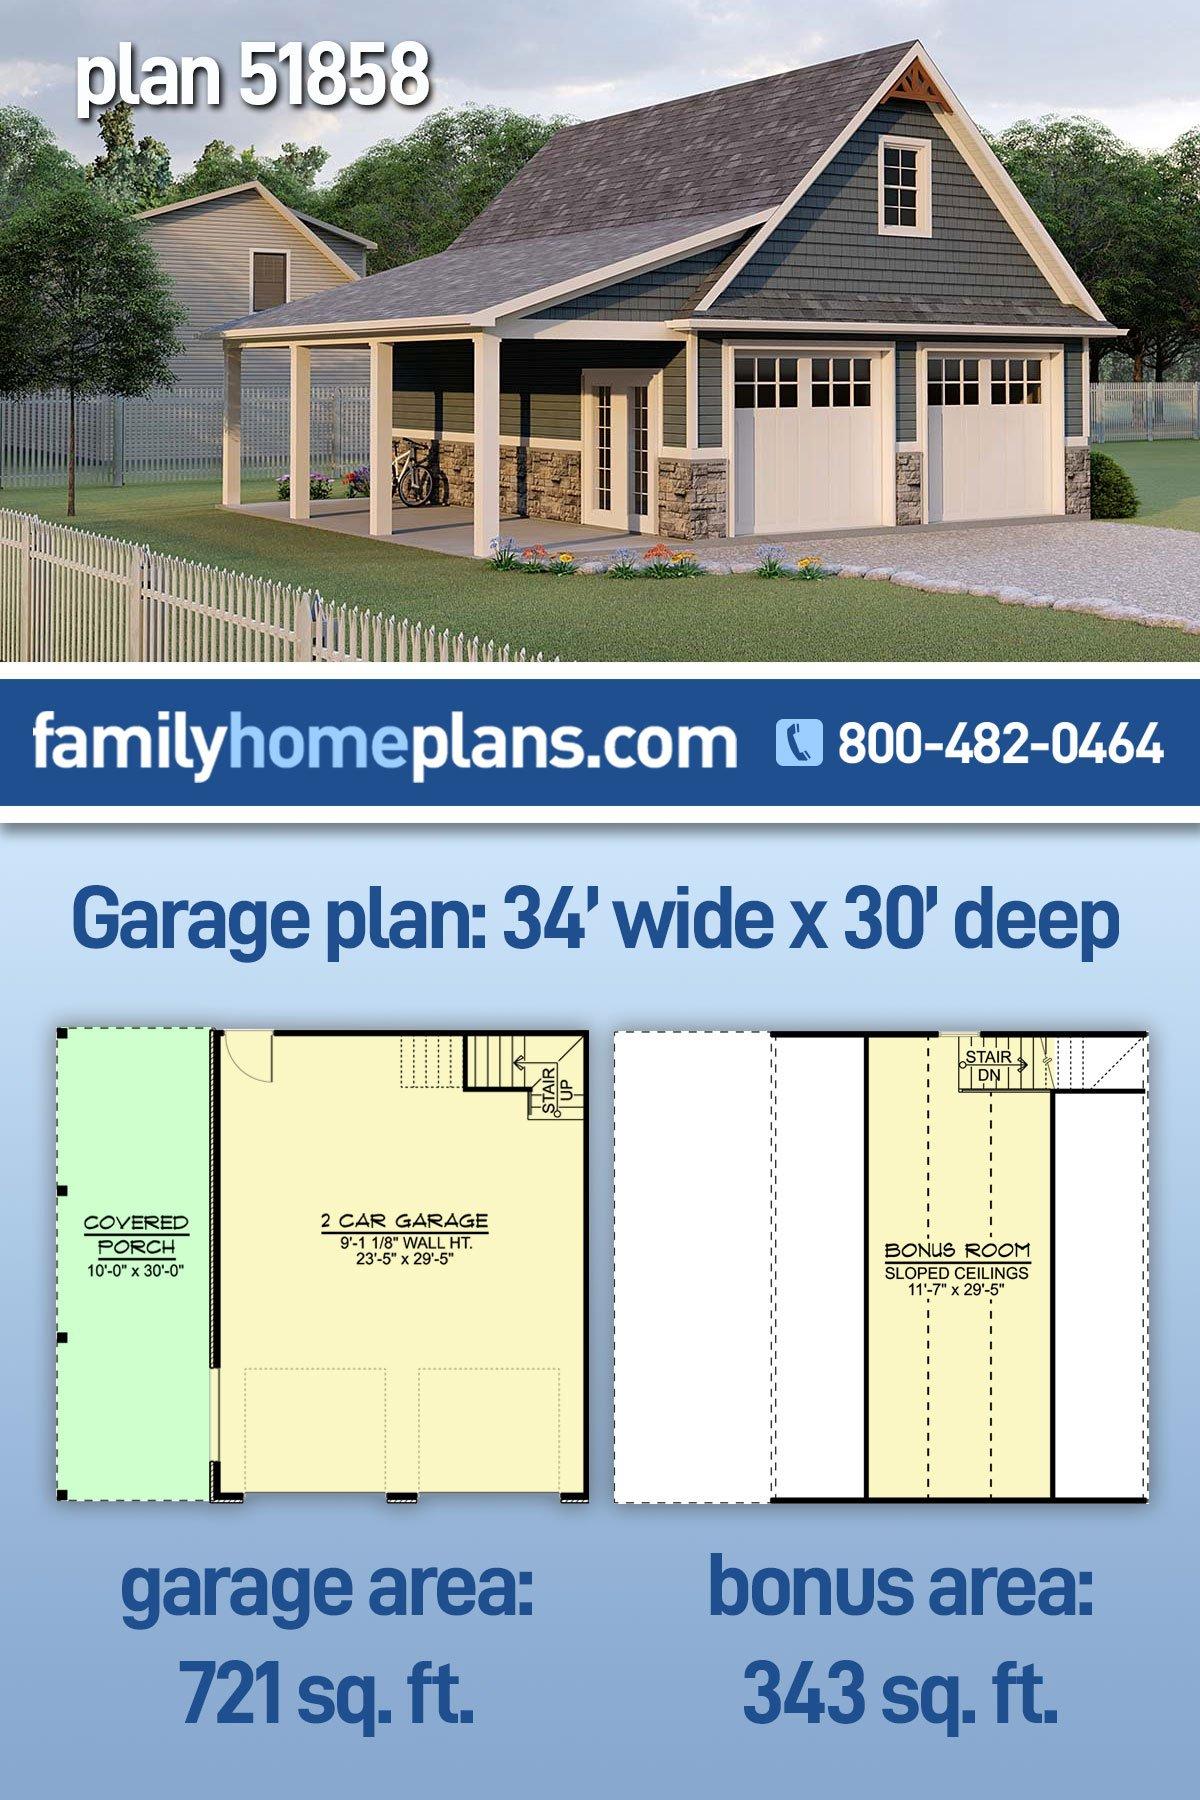 Bungalow, Country, Craftsman 2 Car Garage Apartment Plan 51858